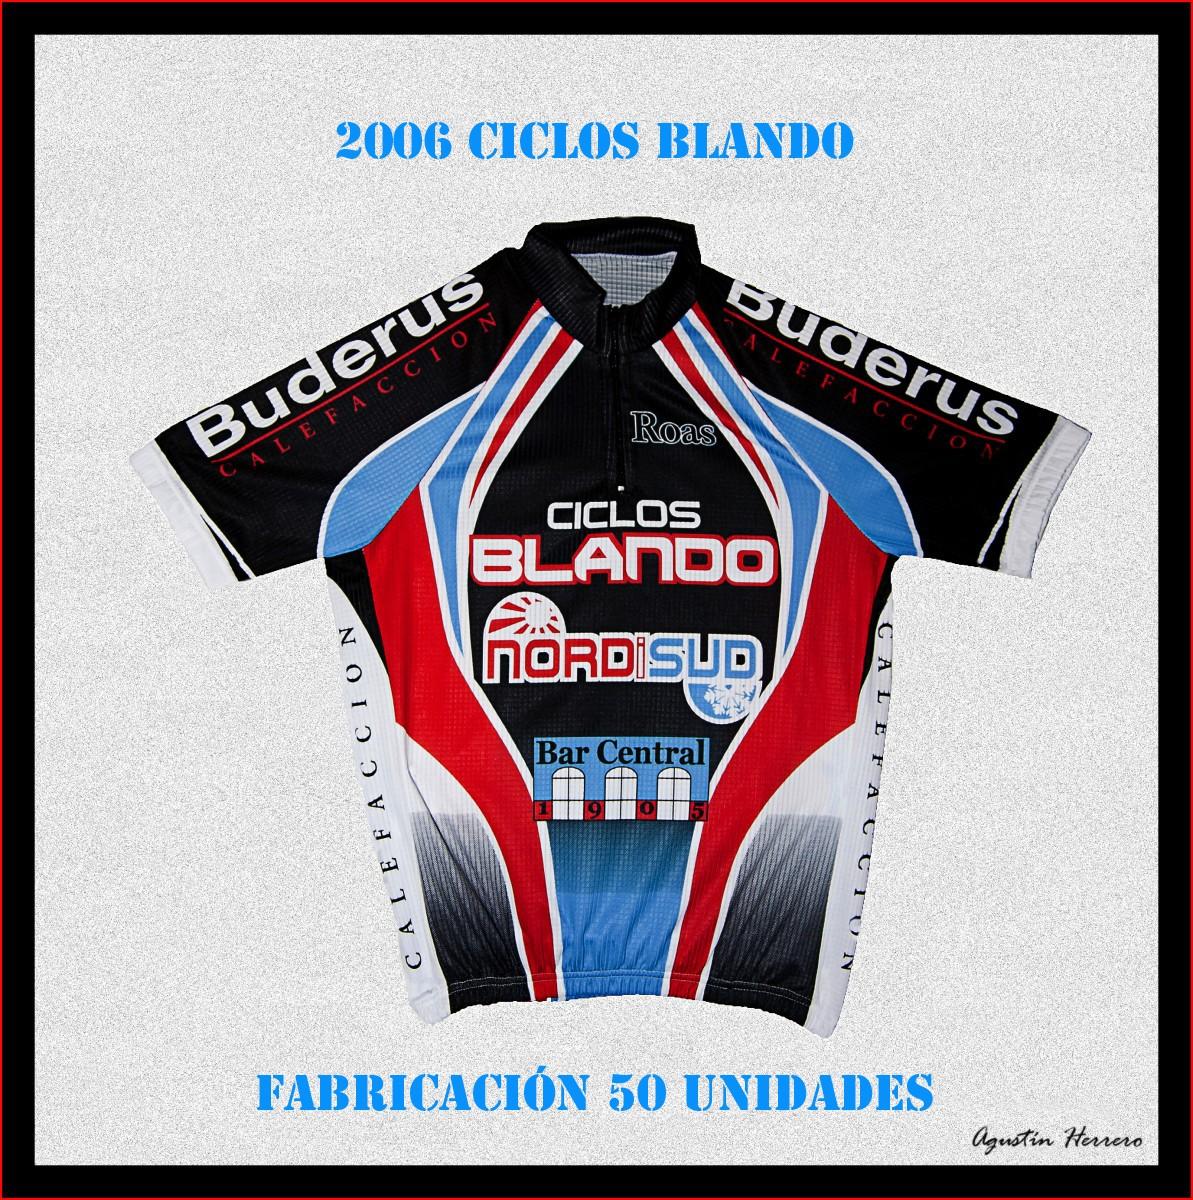 maillot-ciclos-blando-2006